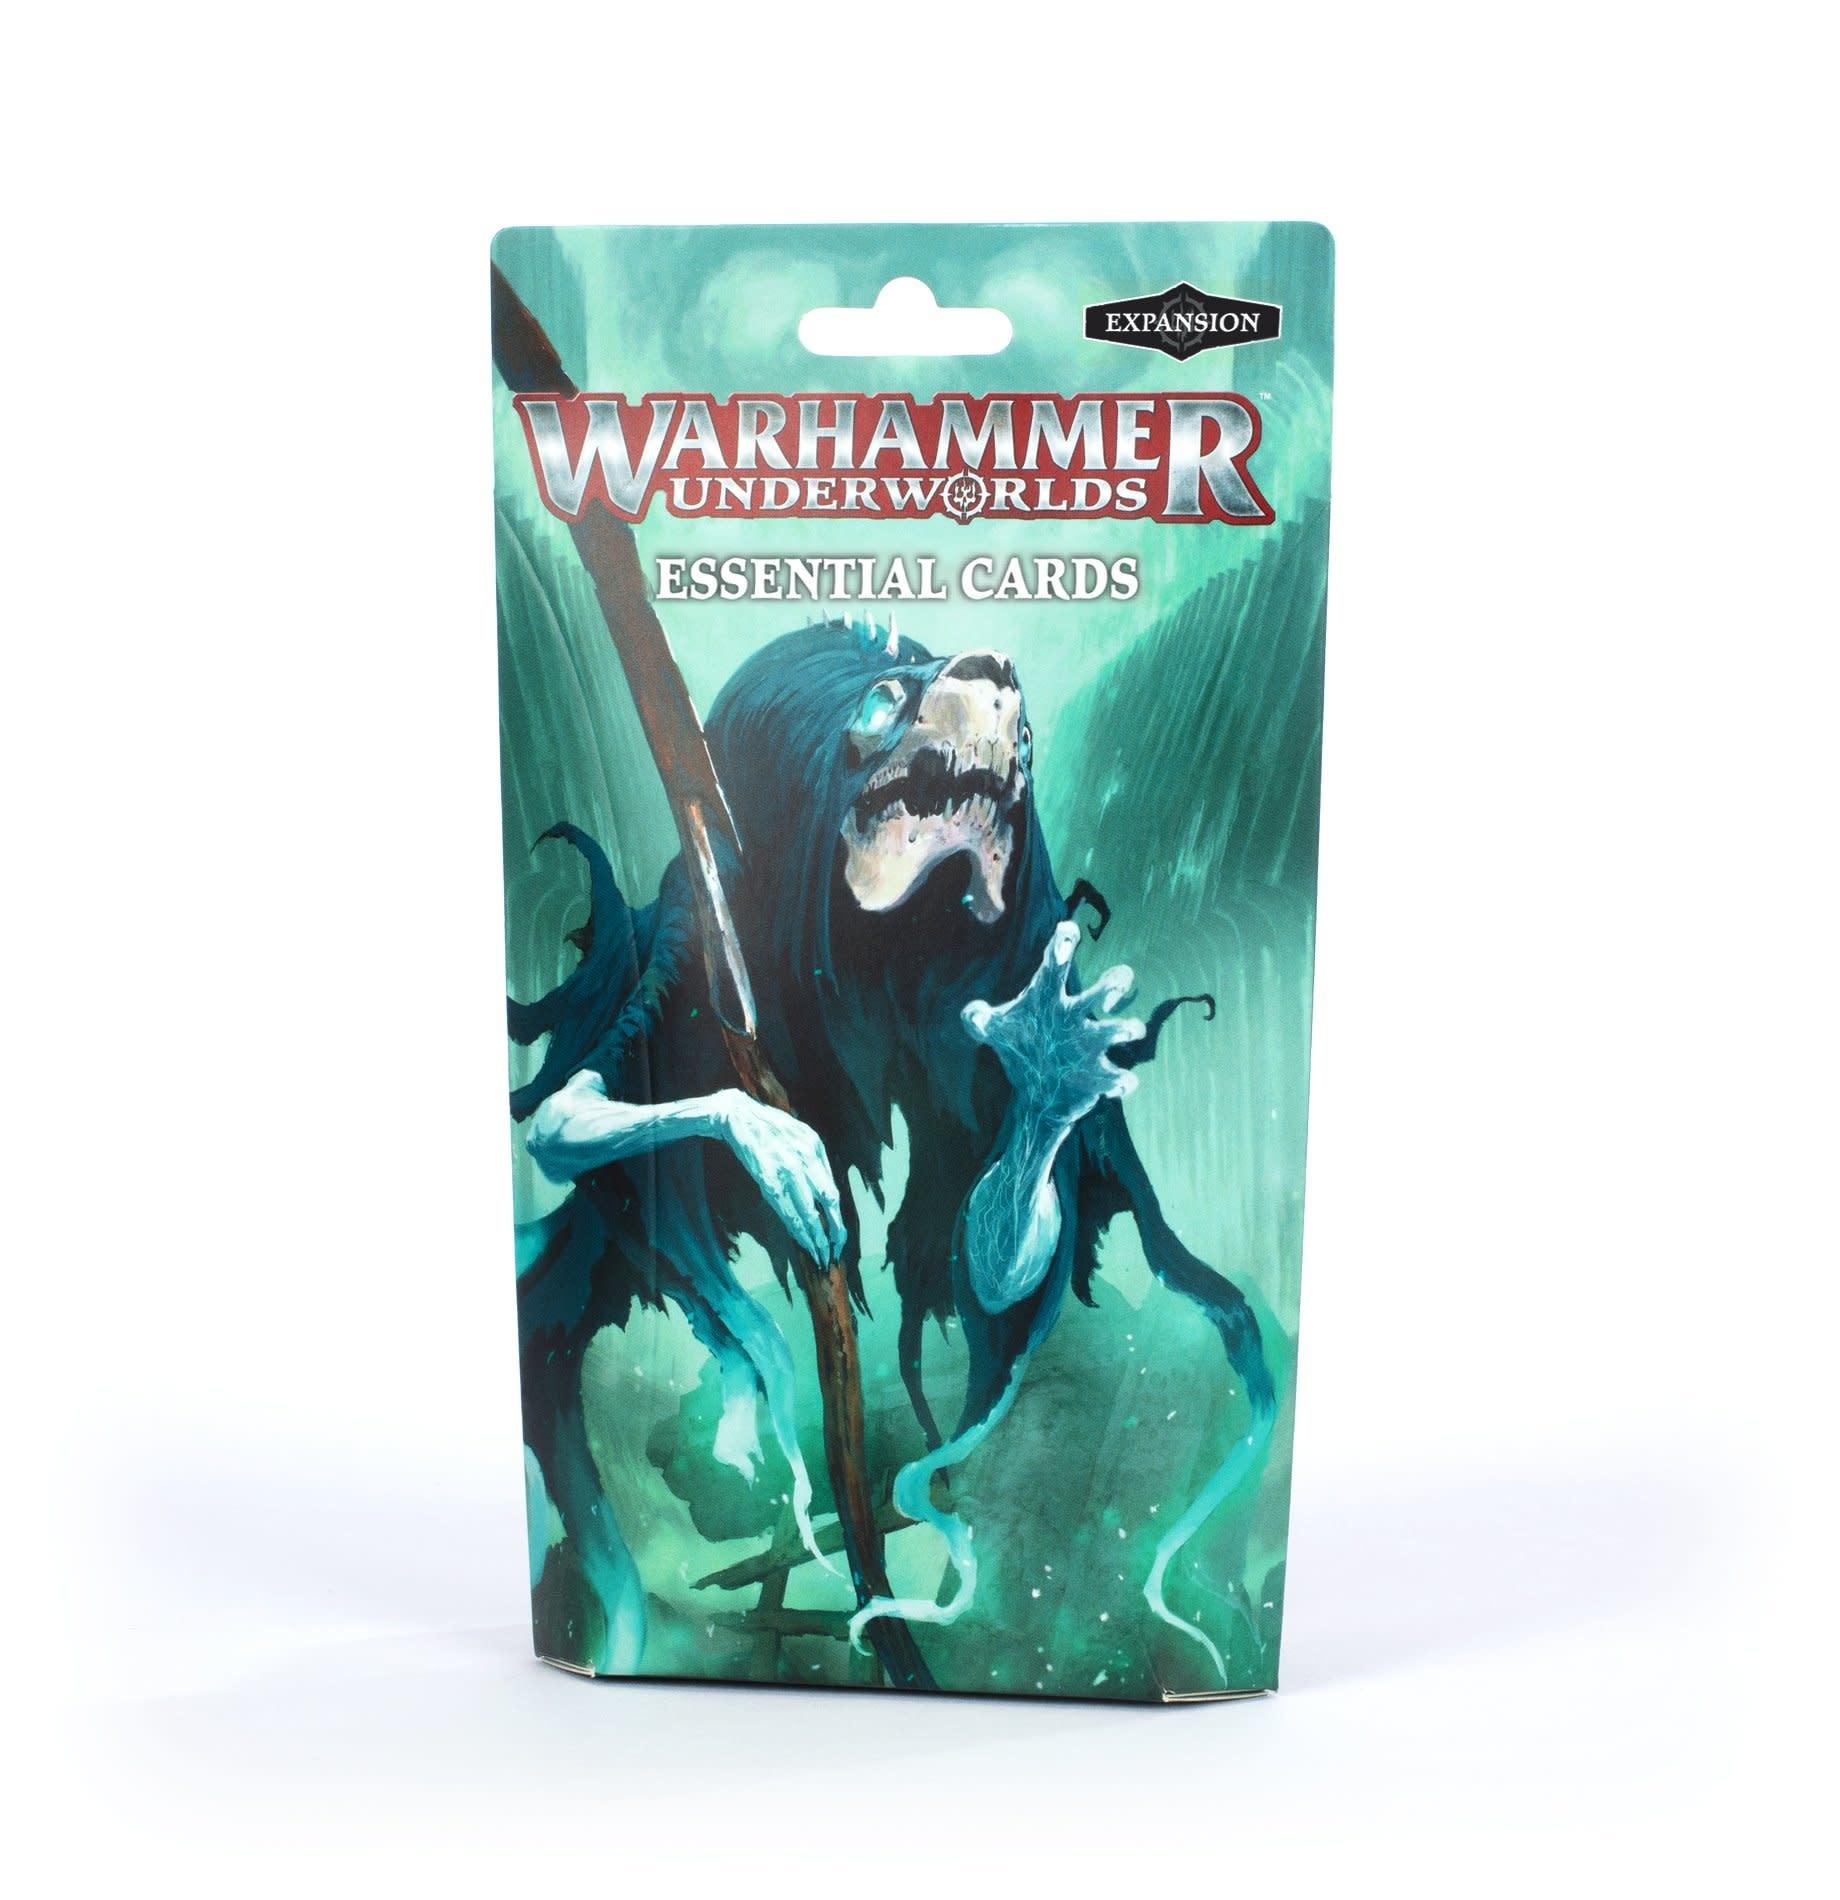 Games-Workshop Warhammer Underworlds: Essential Cards